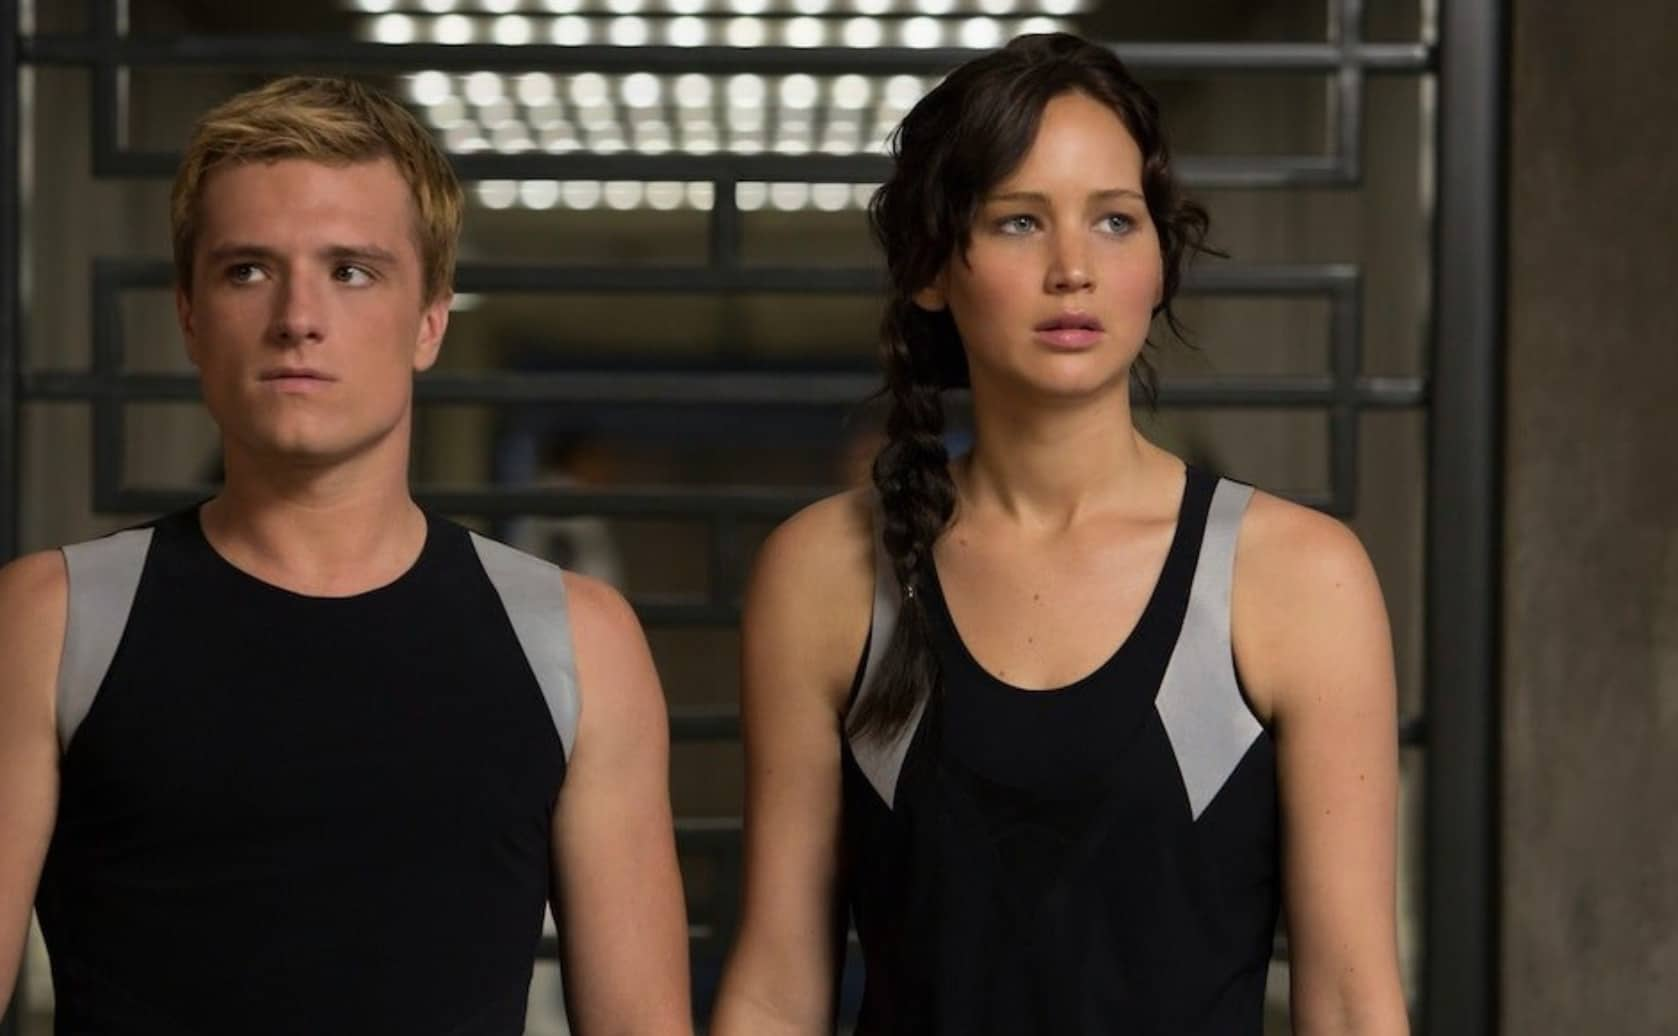 Jennifer Lawrence The Hunger games films 2021